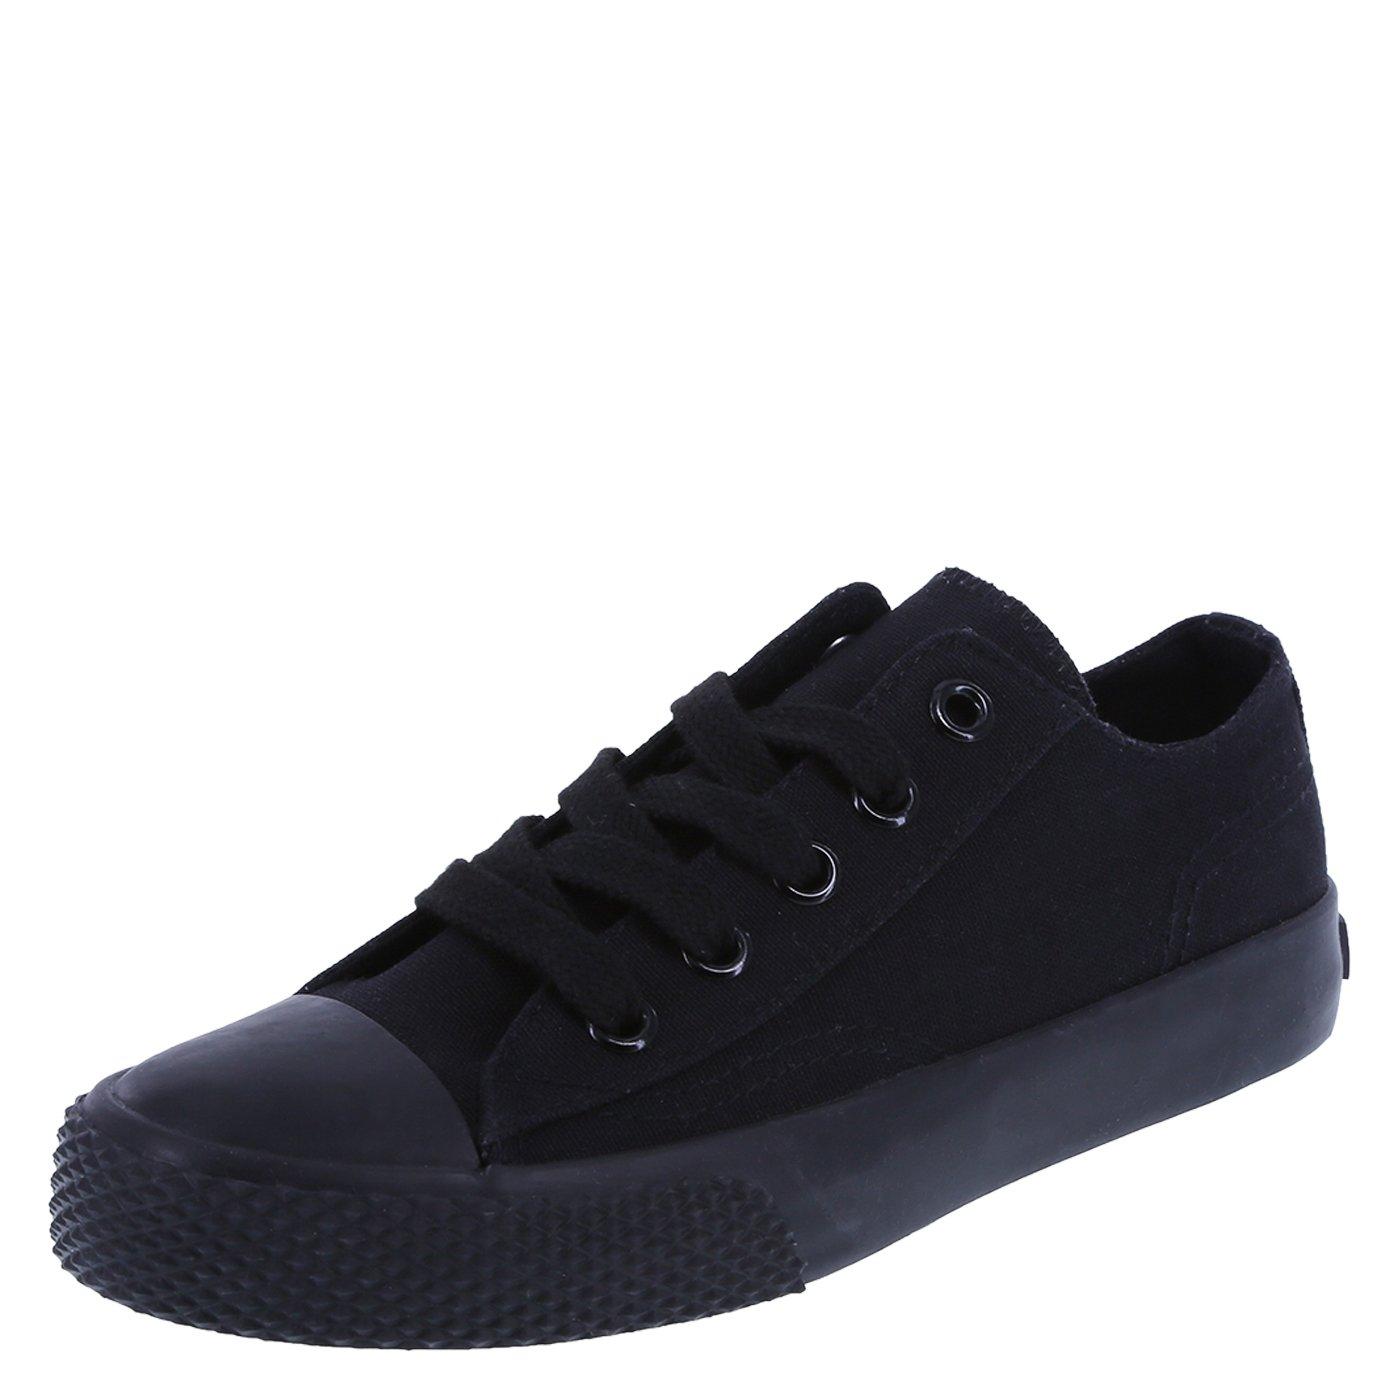 Airwalk Kids' Black Kids' Legacee Sneaker 1 Regular